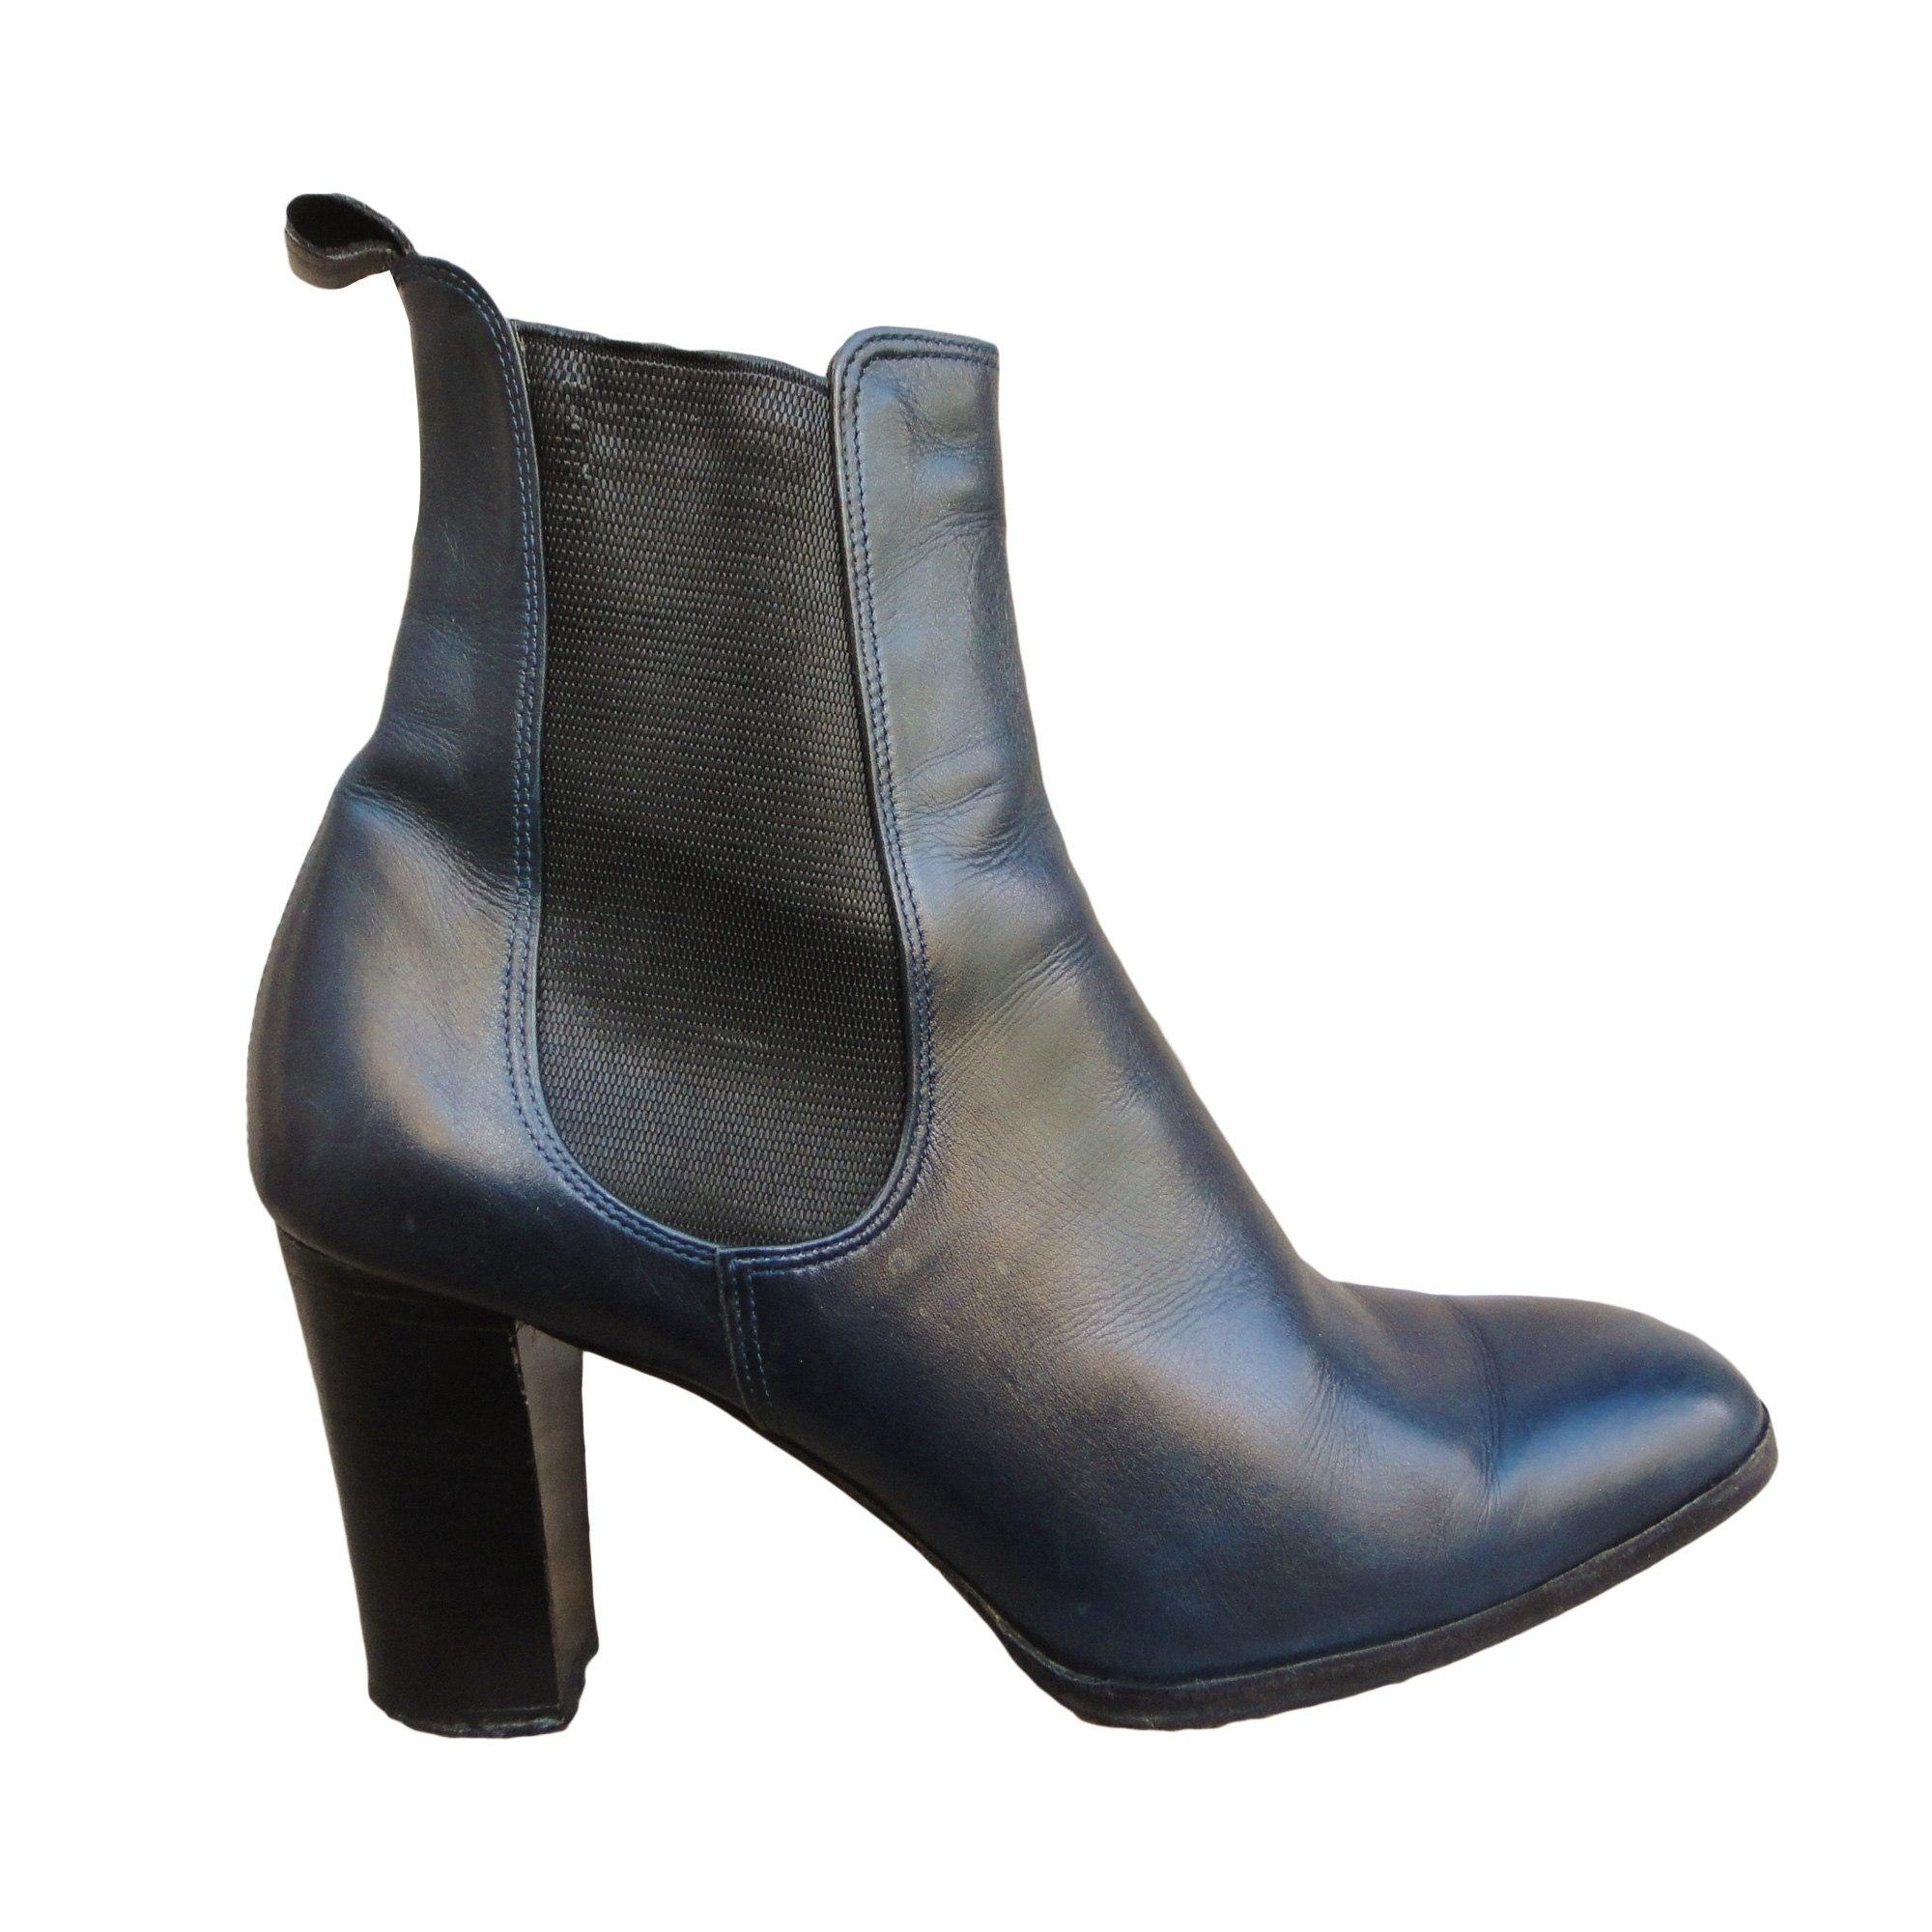 Sacha Low Colisee À Bottines Par Vendu Boots amp; De 5 Talons Bleu 37 xUgxnq0W